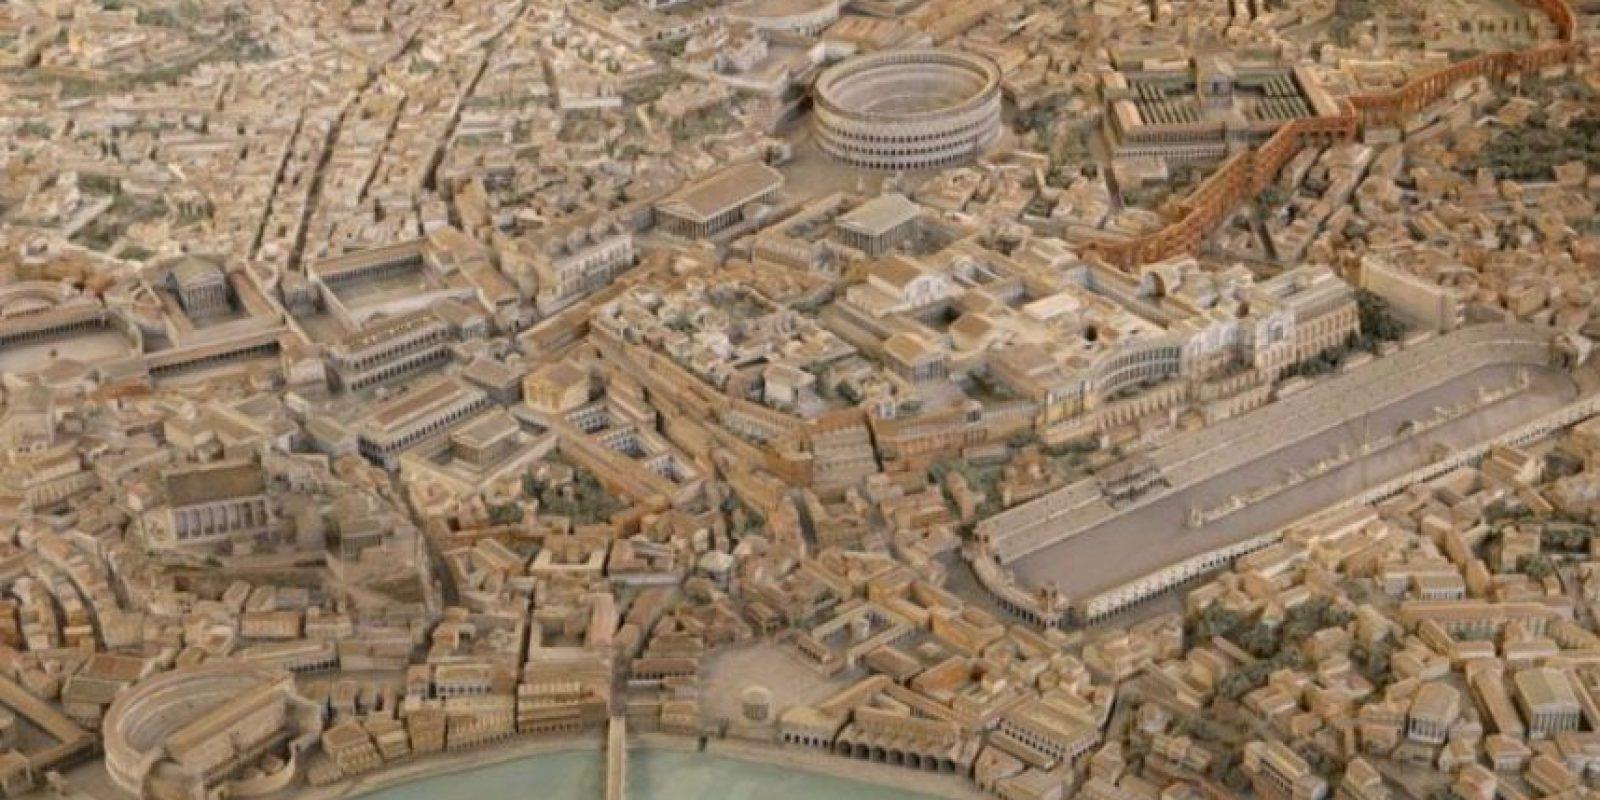 En el año 634 A.C los romanos creían que en algún momento su ciudad sería destruída y se acabaría todo. No se acabó todo, pero sí su ciudad: en el año 436 A.D, el Imperio Romano Occidental cayó para siempre. Foto:vía rome.org